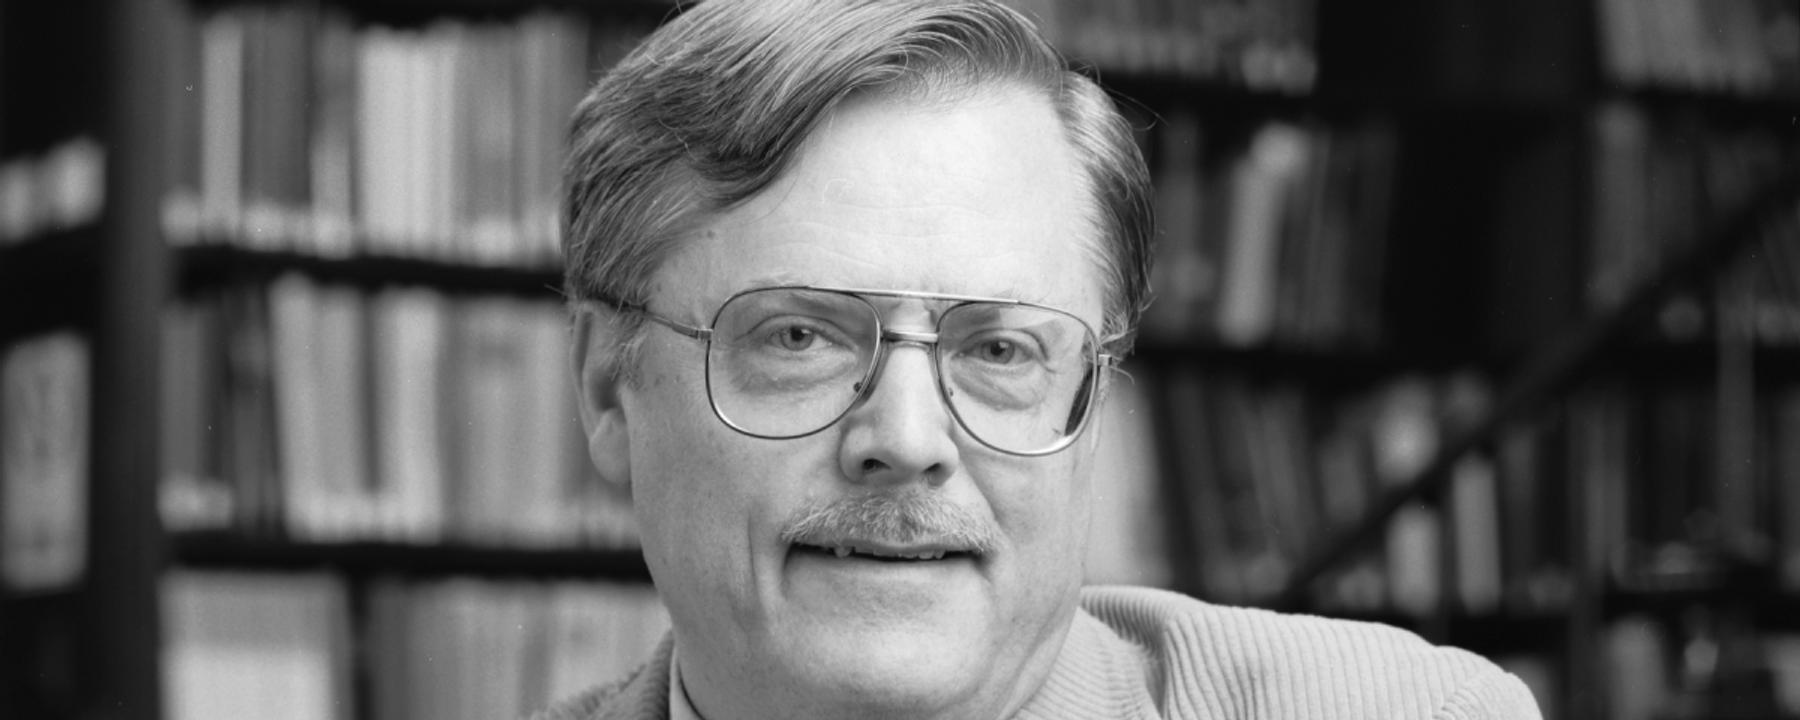 Bruce McEwen, Stress Hormone Researcher, Dies